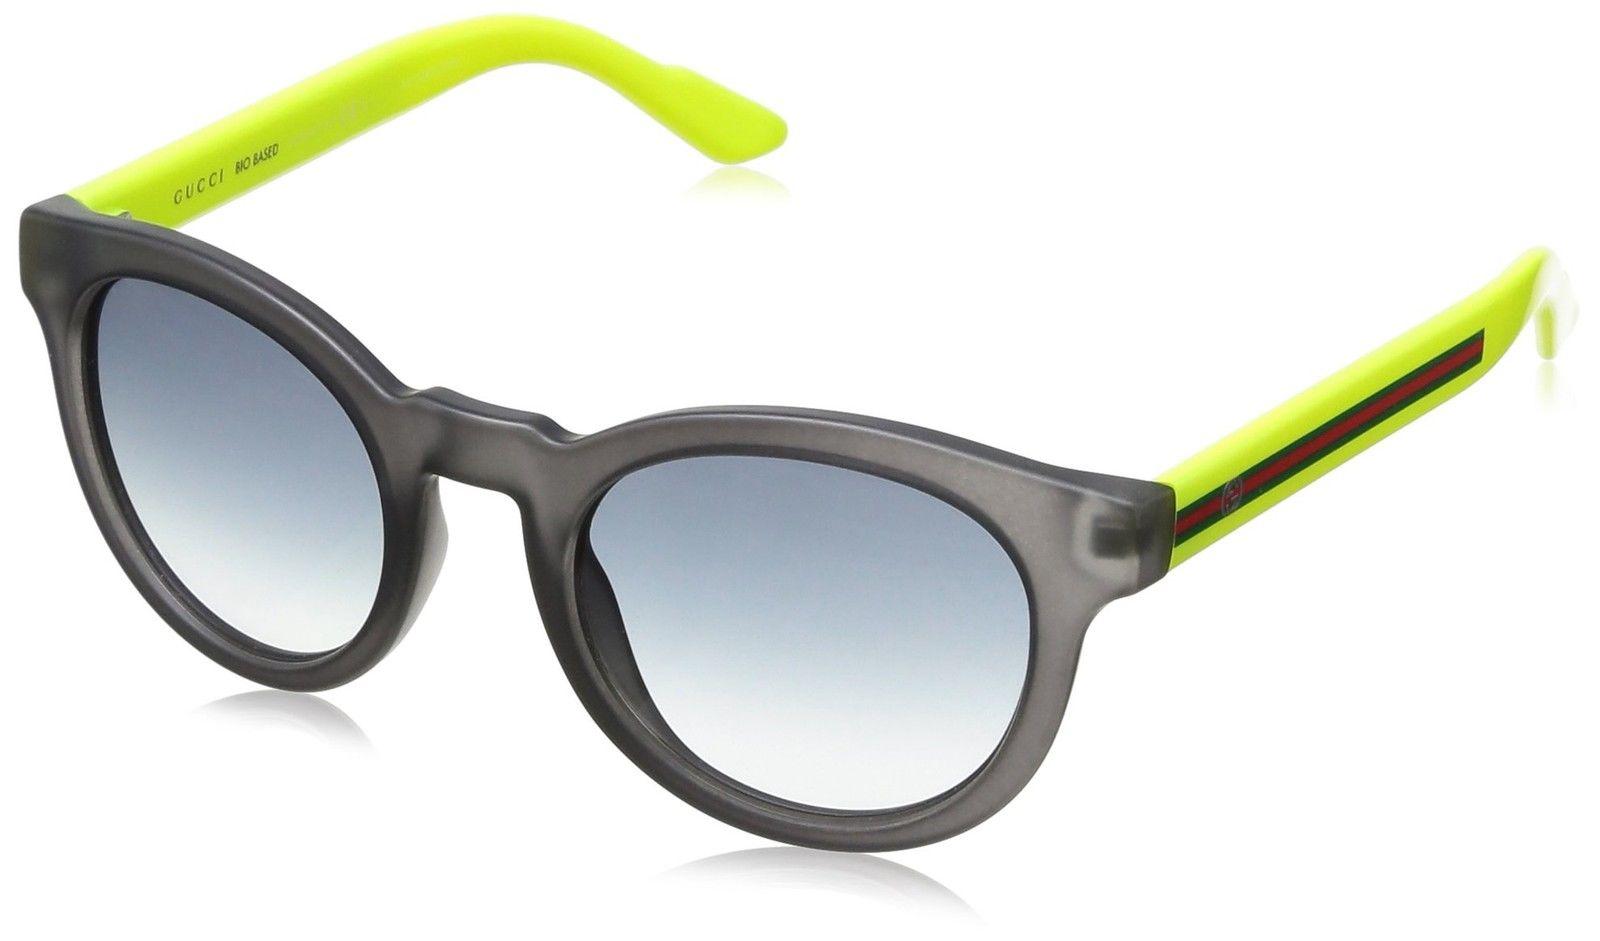 c5ce1ae63d1 Gucci Sunglasses GG Web Stripe 3653  S 190JJ Bio Acetate Matt Grey – Neon  Yellow Grey Gradient